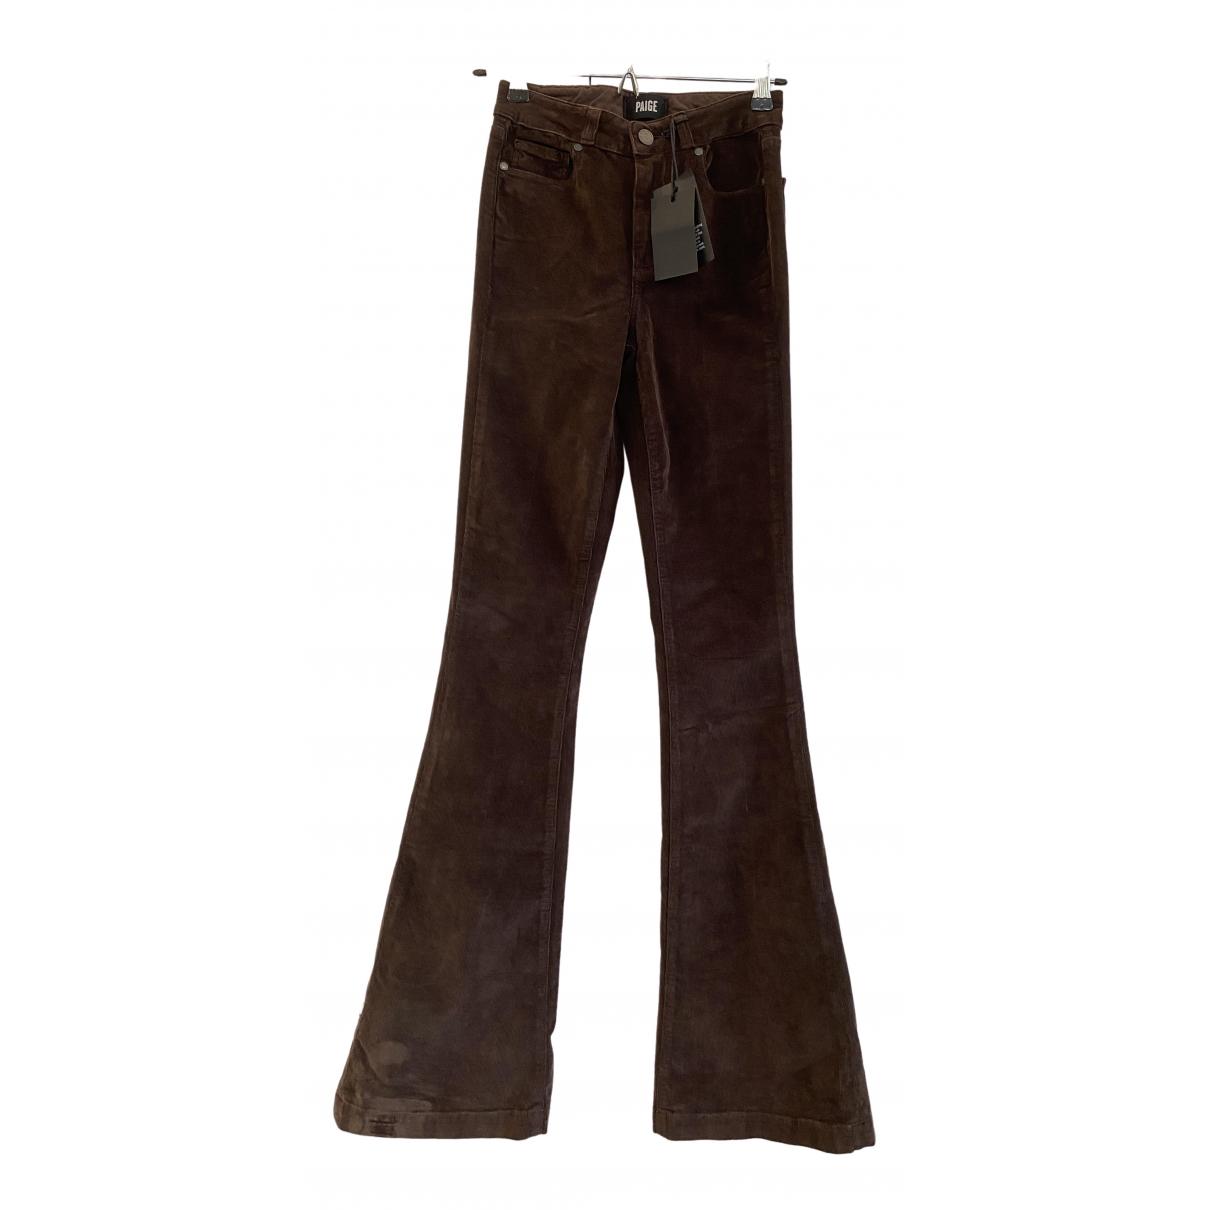 Vaquero bootcut Paige Jeans